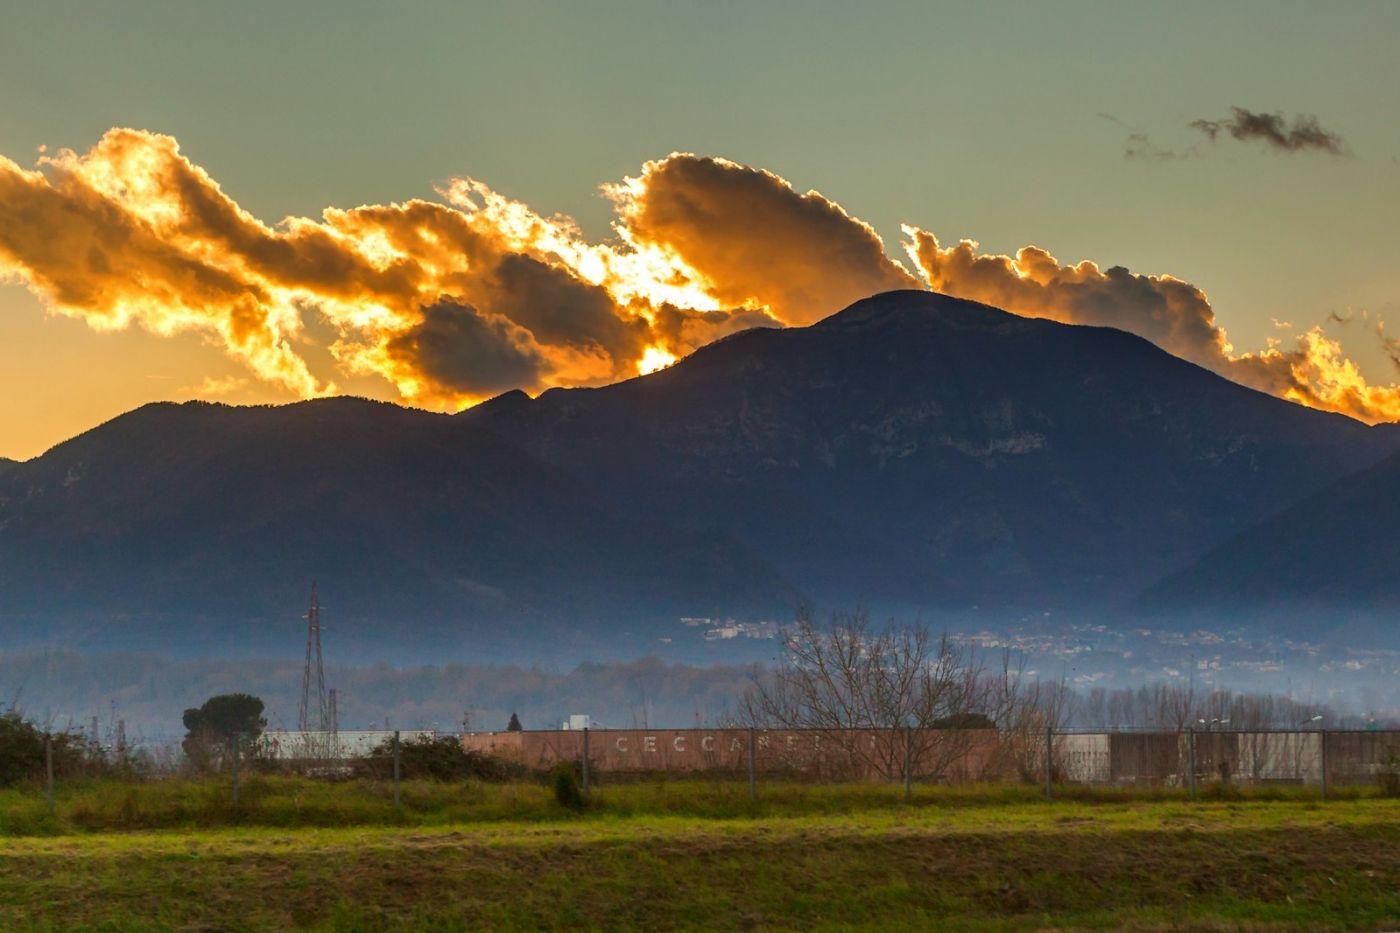 意大利路途,黄昏时的乡村_图1-10